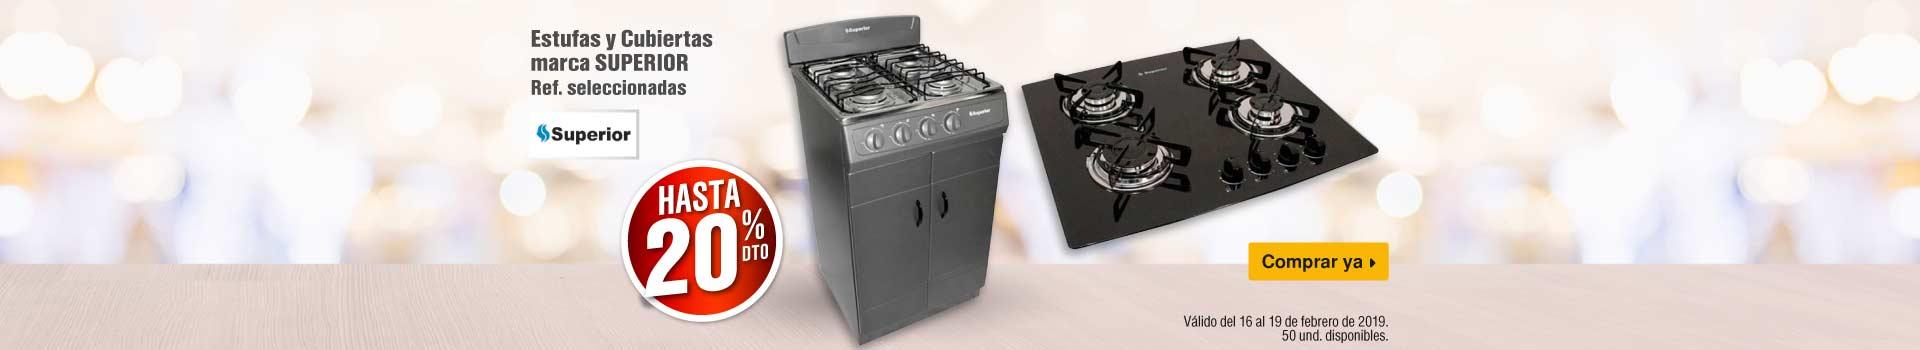 AK-KT-mayores-3-ELECT-BCAT-cocina-150219